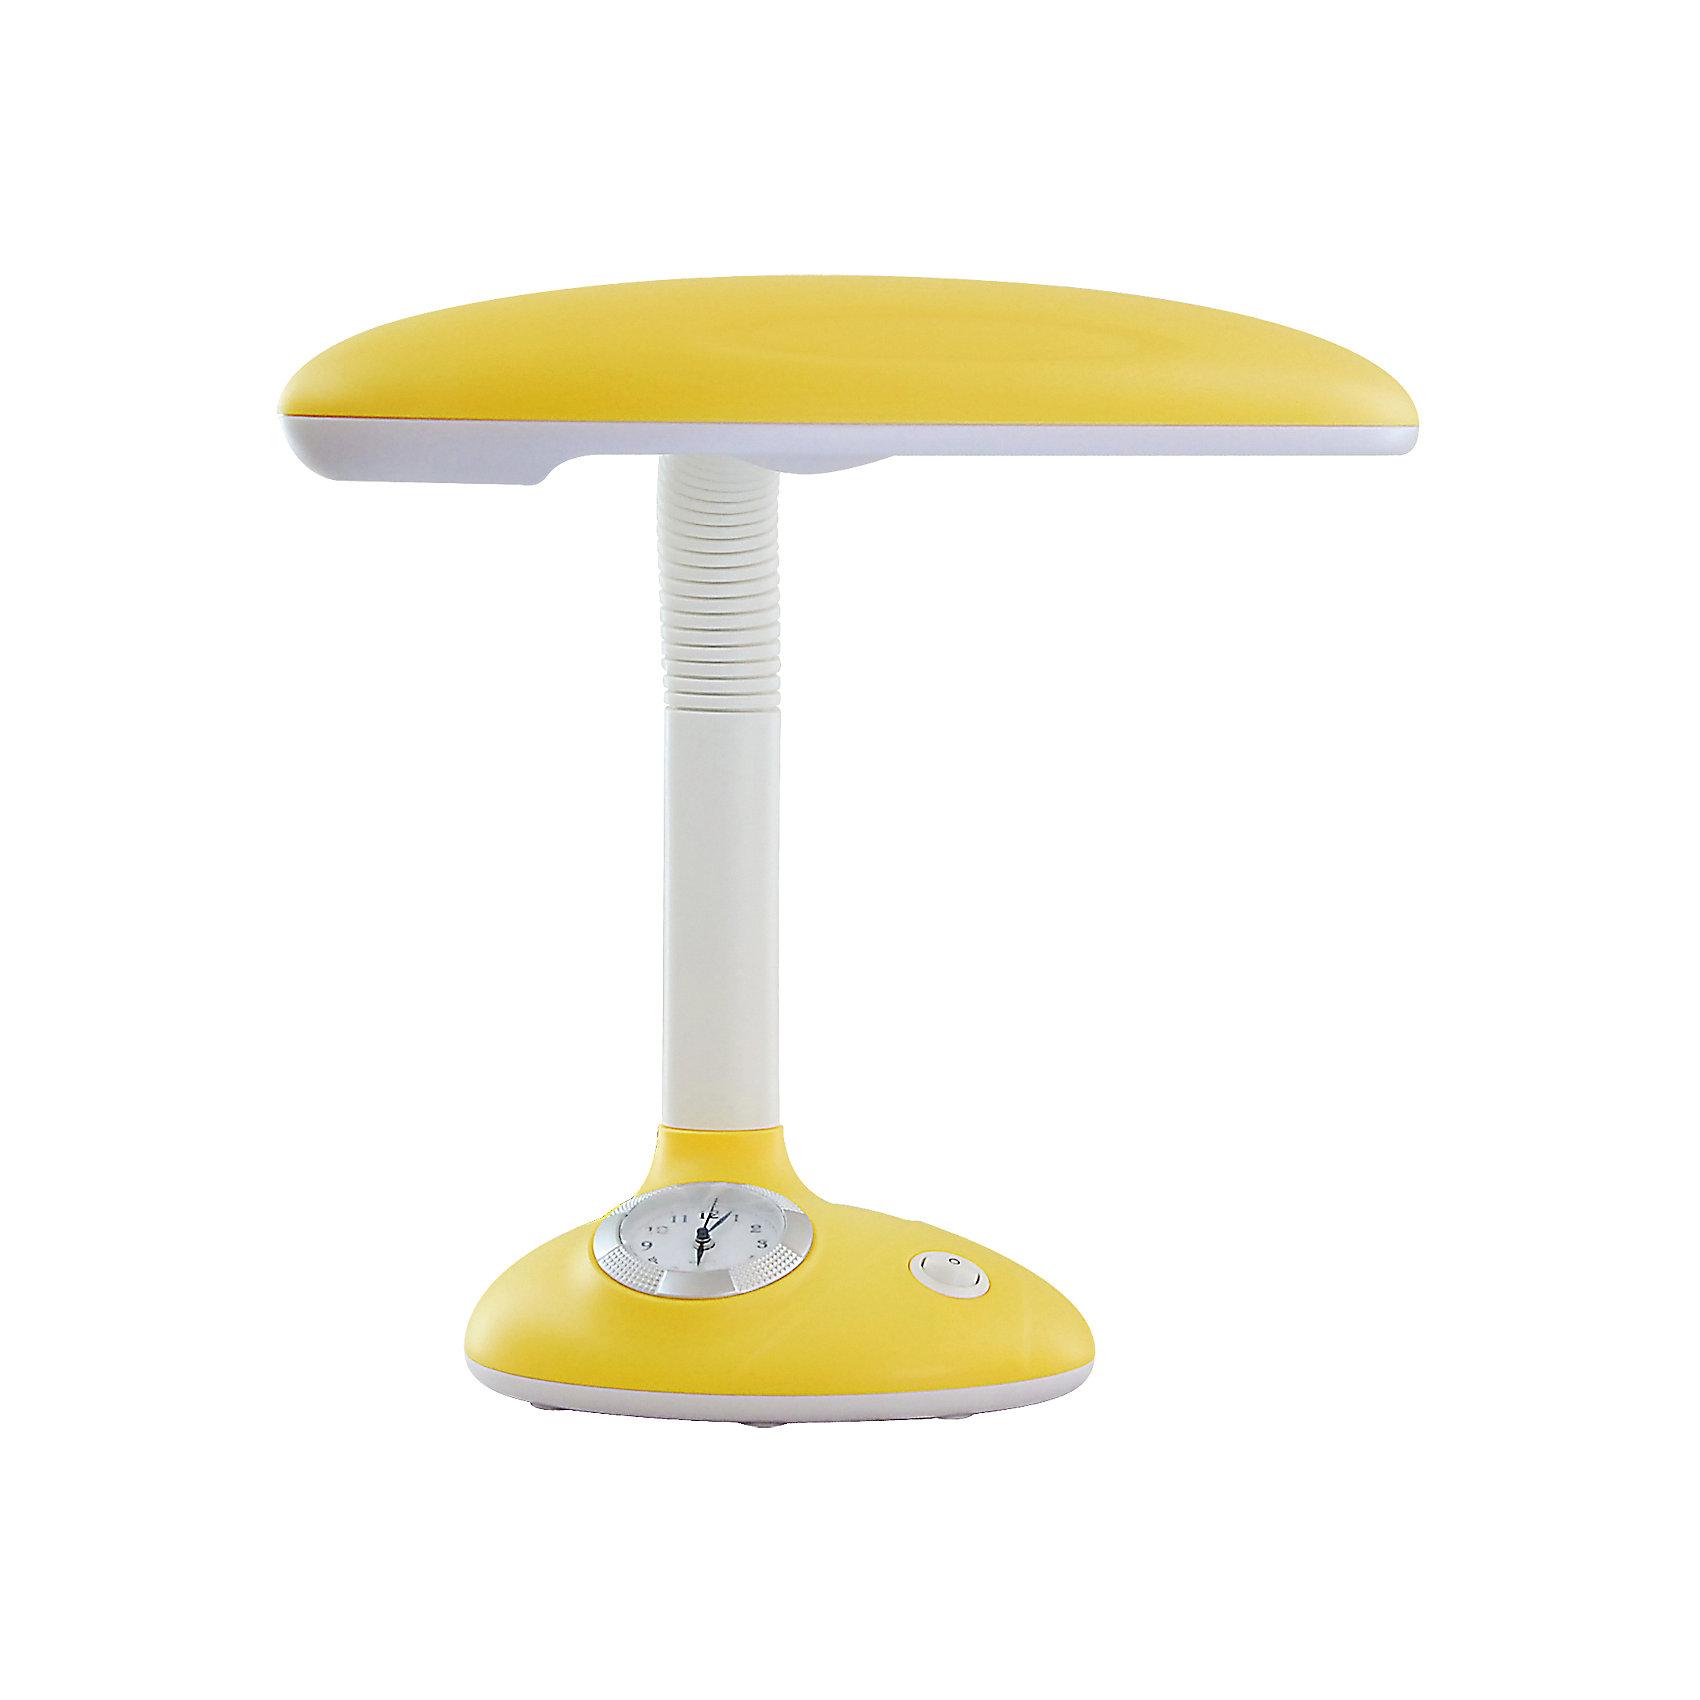 Светильник-часы, 11 Вт, Ultra Light, желтыйЛампы, ночники, фонарики<br>Жёлтый светильник-часы, 11 Вт - светильник прекрасно подойдет для освещения рабочего стола и создания атмосферы уюта в комнате.<br>Симпатичный светильник-часы предназначен для работы и отдыха и станет ярким элементом интерьера детской комнаты. Корпус светильника выполнен из термостойкого пластика. Дуга, соединяющая лампу с основанием, вращается в разные стороны, благодаря чему лампа может осветить любое место в комнате. В основании светильника расположены часы, которые помогут вашему ребенку быстро и легко научиться определять время. Для установки времени необходимо извлечь часы из корпуса основания светильника по направлению вверх, удалить защитную плёнку из-под элемента питания (входит в комплект), установить время, вставить часы в корпус основания светильника. Светильник укомплектован люминесцентной лампой мощностью 11 Вт, сила светового потока которой подобрана оптимально для детского зрения.<br><br>Дополнительная информация: <br><br>- Материал корпуса: термостойкий пластик<br>- Цвет: желтый<br>- Питание: от сети 220В<br>- Тип цоколя: 2G7<br>- Мощность лампы: 11 Вт<br>- Размер светильника: 22х35х18 см.<br>- Размер упаковки: 28,5х18,5х25 см.<br>- Вес: 1400 гр.<br><br>Жёлтый светильник-часы, 11 Вт можно купить в нашем интернет-магазине.<br><br>Ширина мм: 285<br>Глубина мм: 185<br>Высота мм: 250<br>Вес г: 1400<br>Возраст от месяцев: 36<br>Возраст до месяцев: 192<br>Пол: Унисекс<br>Возраст: Детский<br>SKU: 4641461